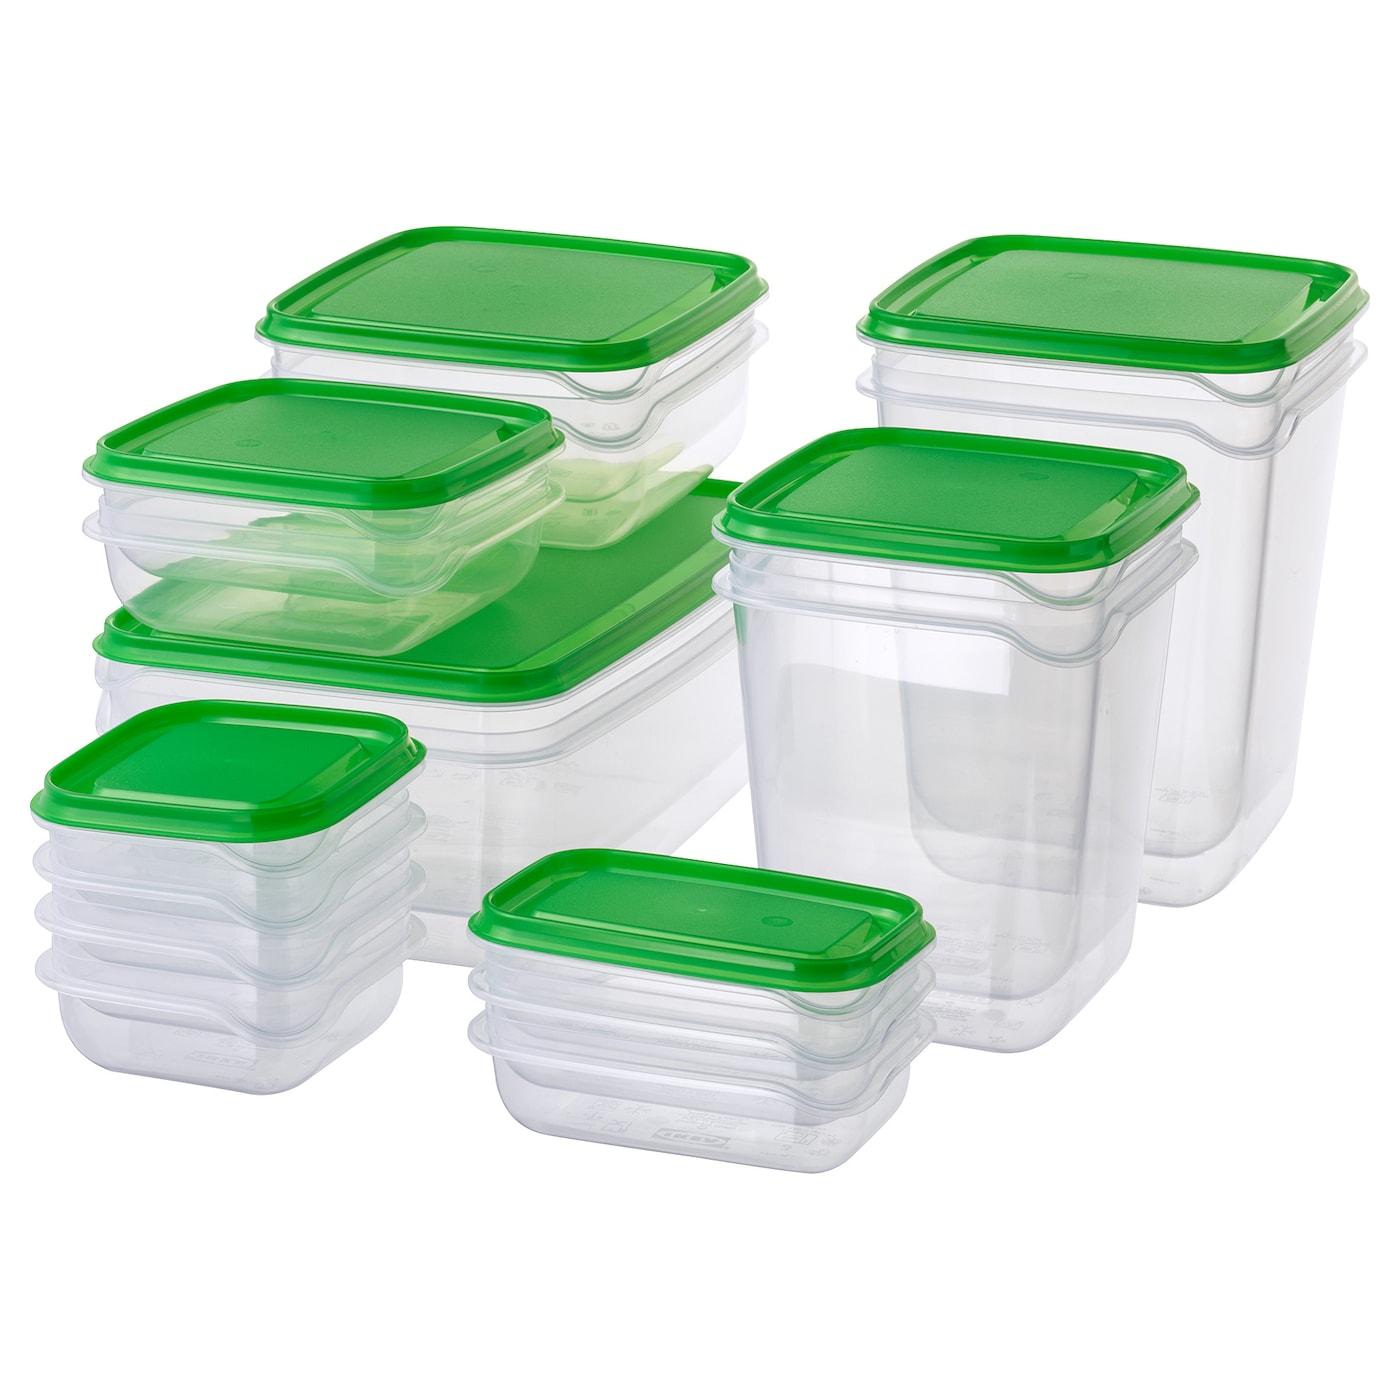 Polypropylene Ikea PRUTA Dose mit Deckel 17er-Set transparent gr/ün Green 17-Einheiten 30 x 24 x 16 cm